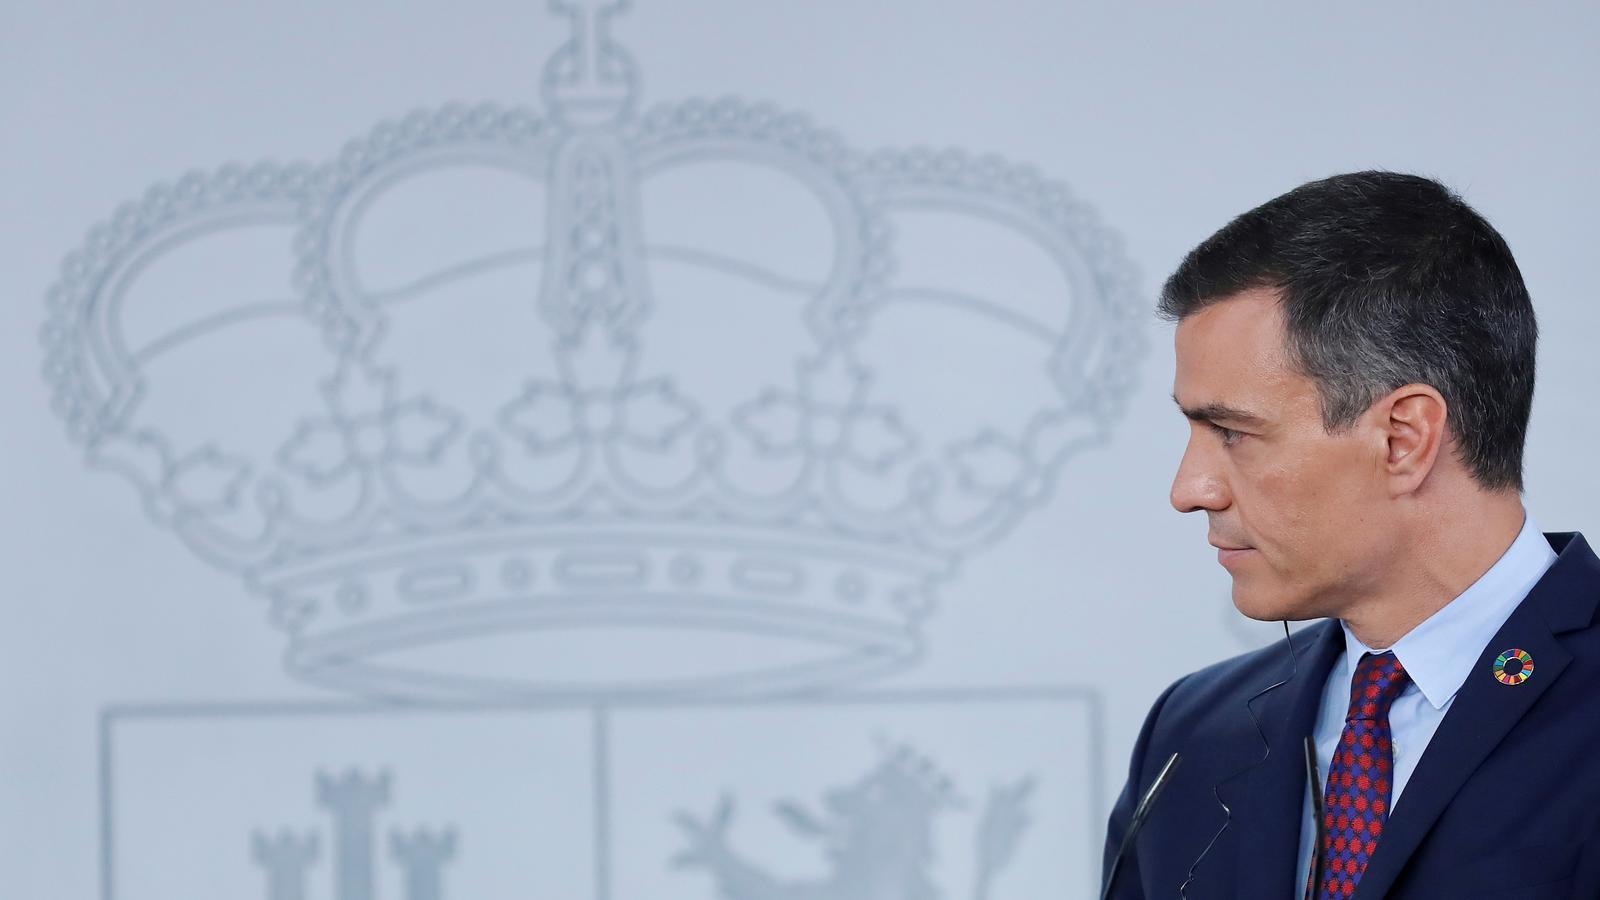 """Sánchez diu que el """"pertorben"""" les """"informacions inquietants"""" sobre el rei emèrit"""